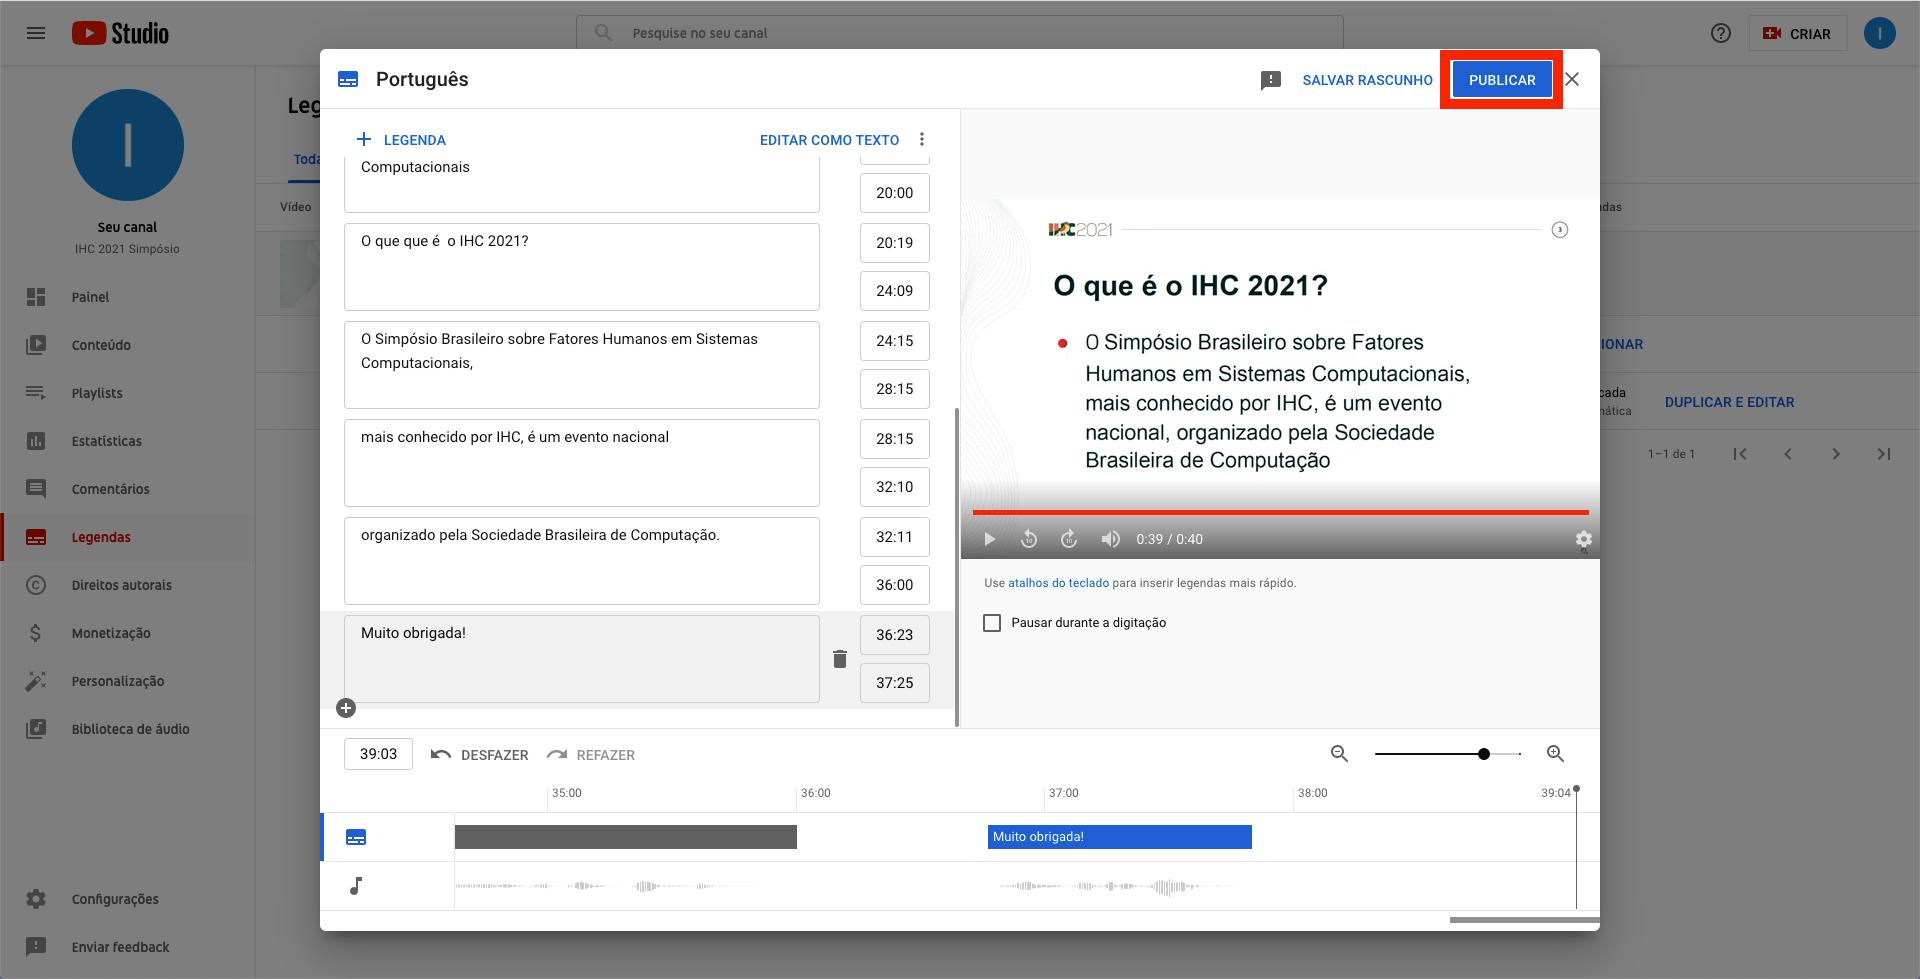 Captura de tela do YouTube. Janela modal contendo o recurso que permite edição de cada trecho da legenda, com destaque ao botão 'Publicar', posicionado na área superior direita. O botão está destacado com uma borda vermelha